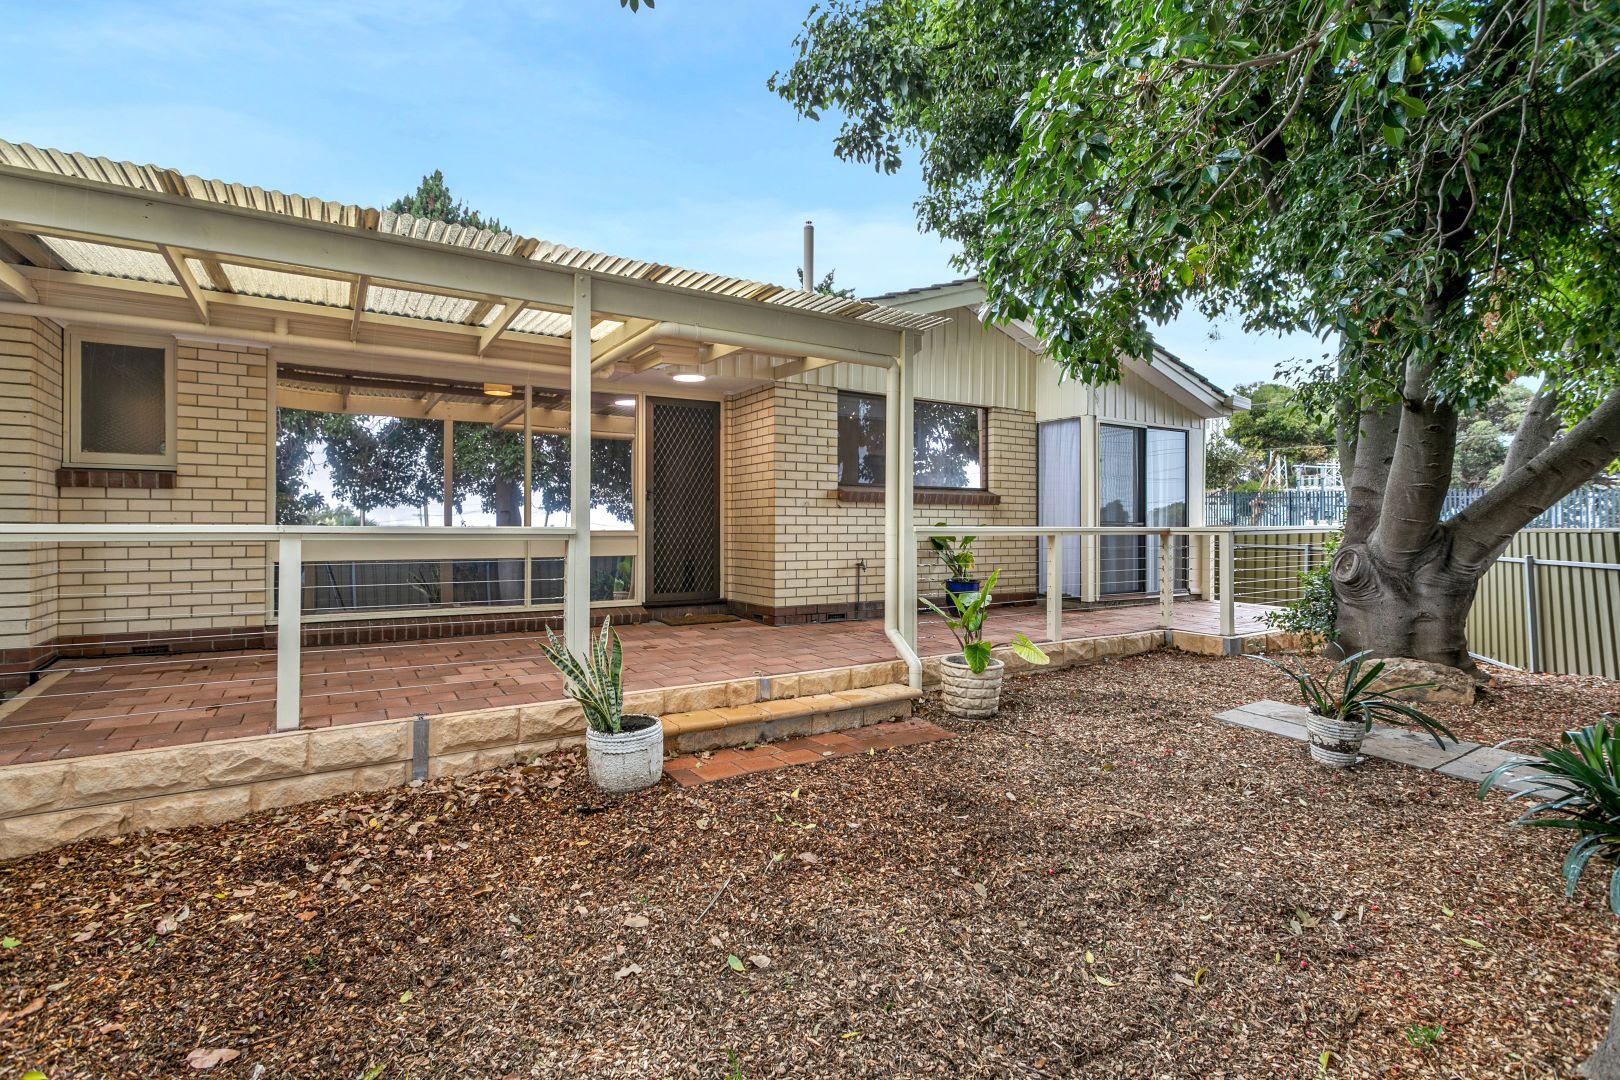 154 Seacombe Road, Seacombe Heights SA 5047, Image 1